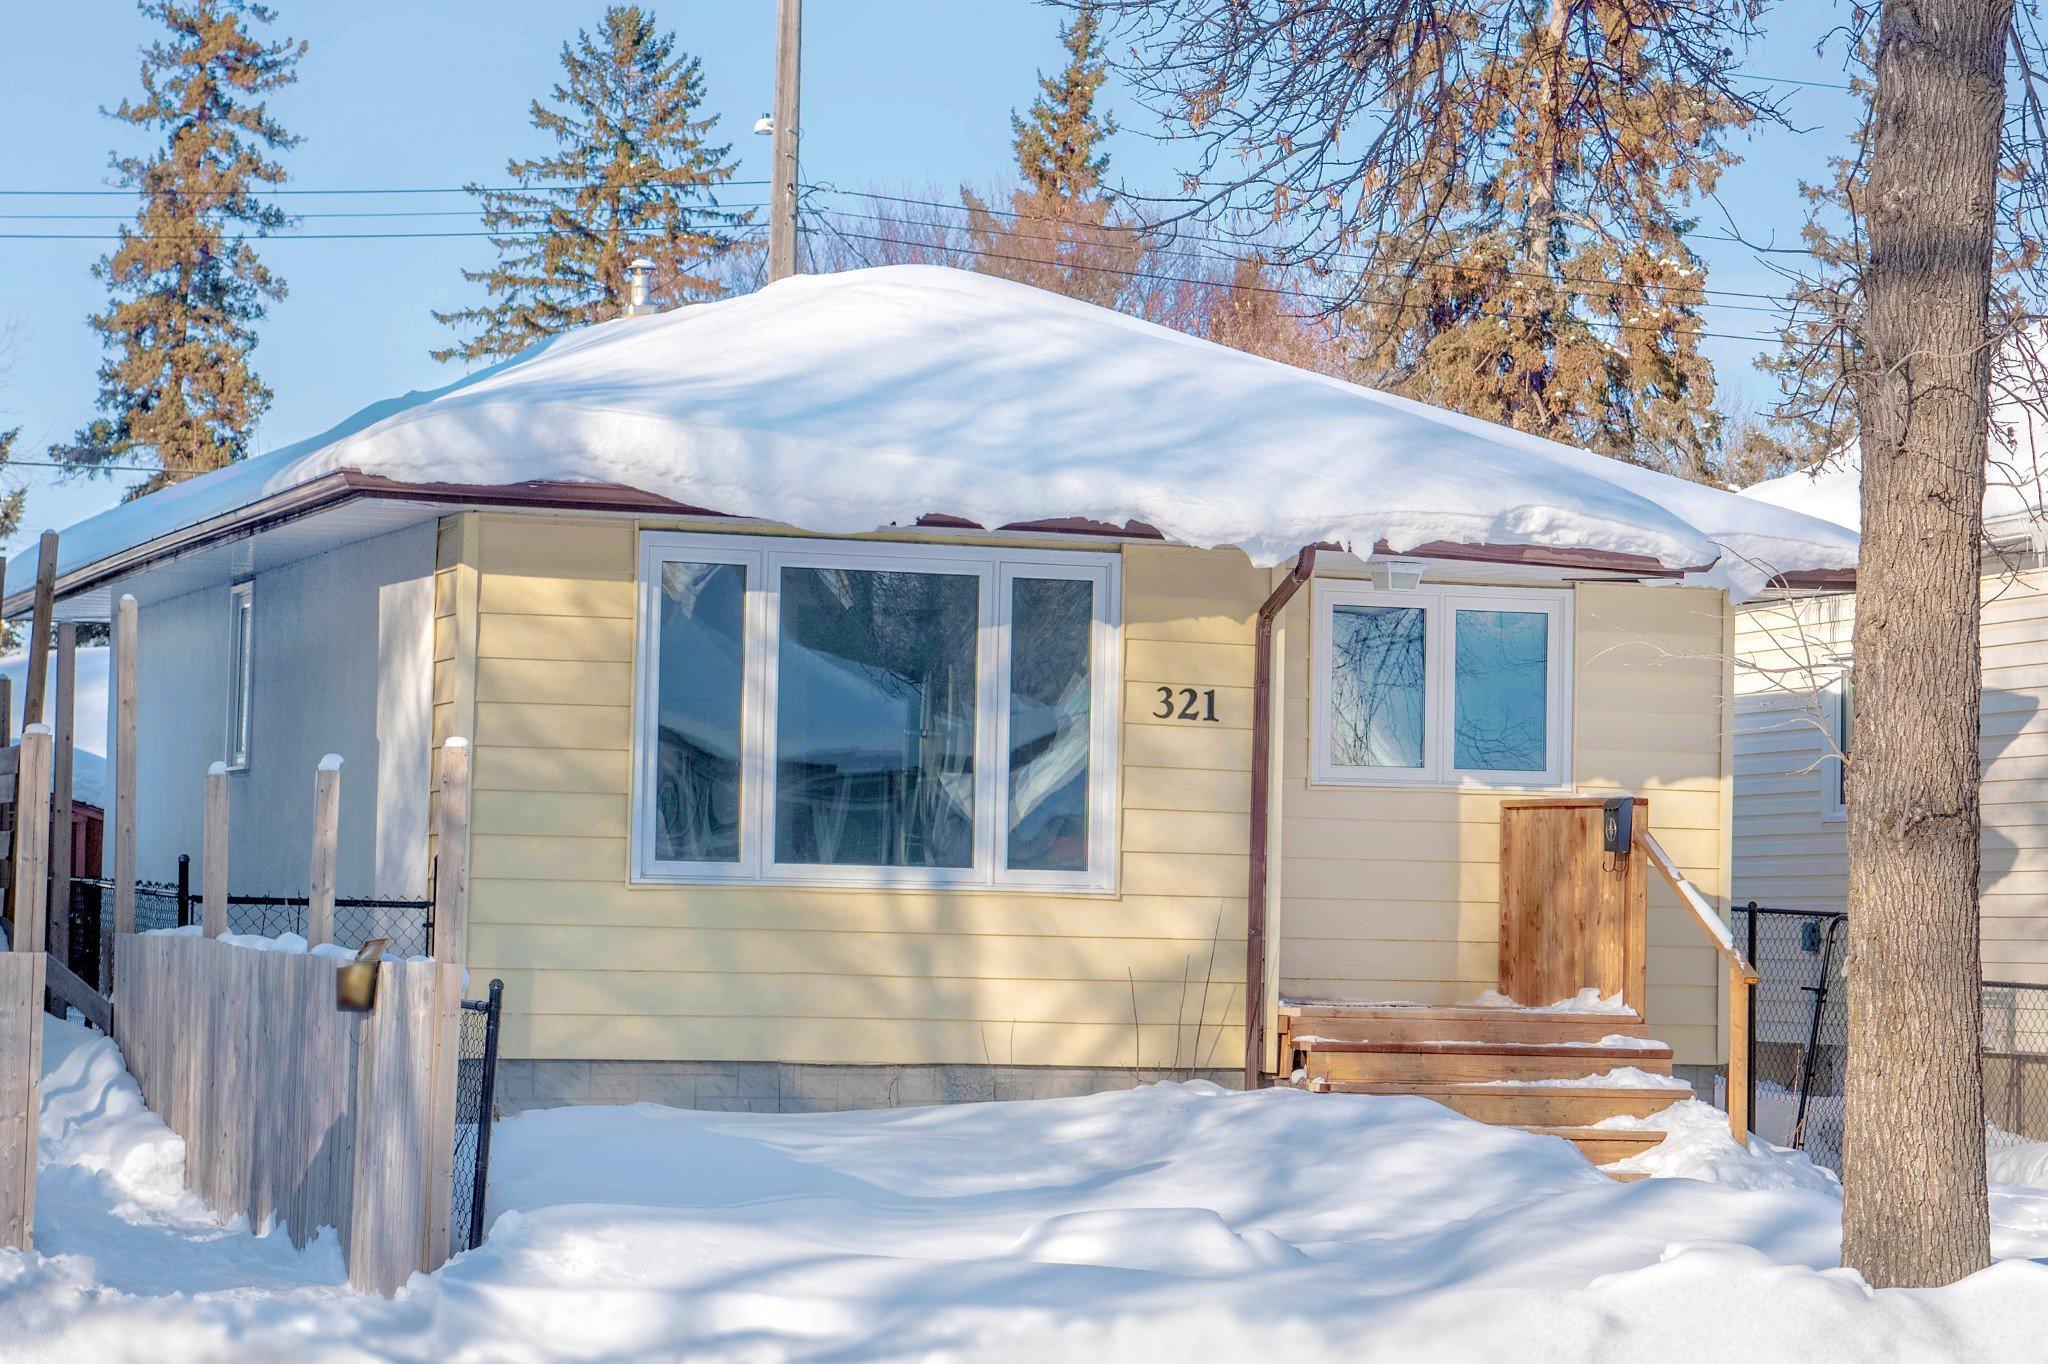 Main Photo: 321 West Rosseau Avenue in Winnipeg: West Transcona House for sale (3L)  : MLS®# 1903550